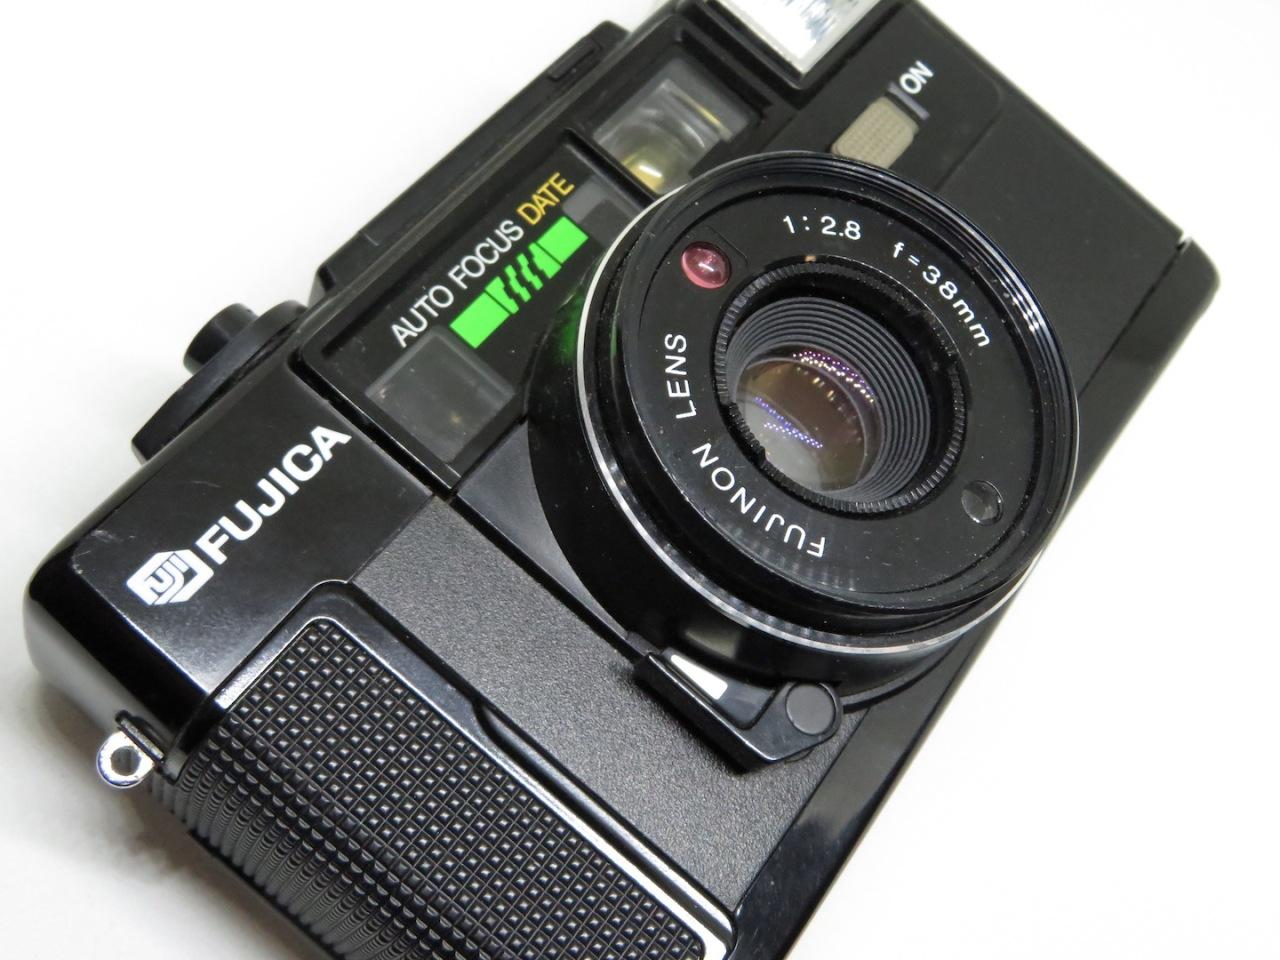 Fujica Auto-7 Date